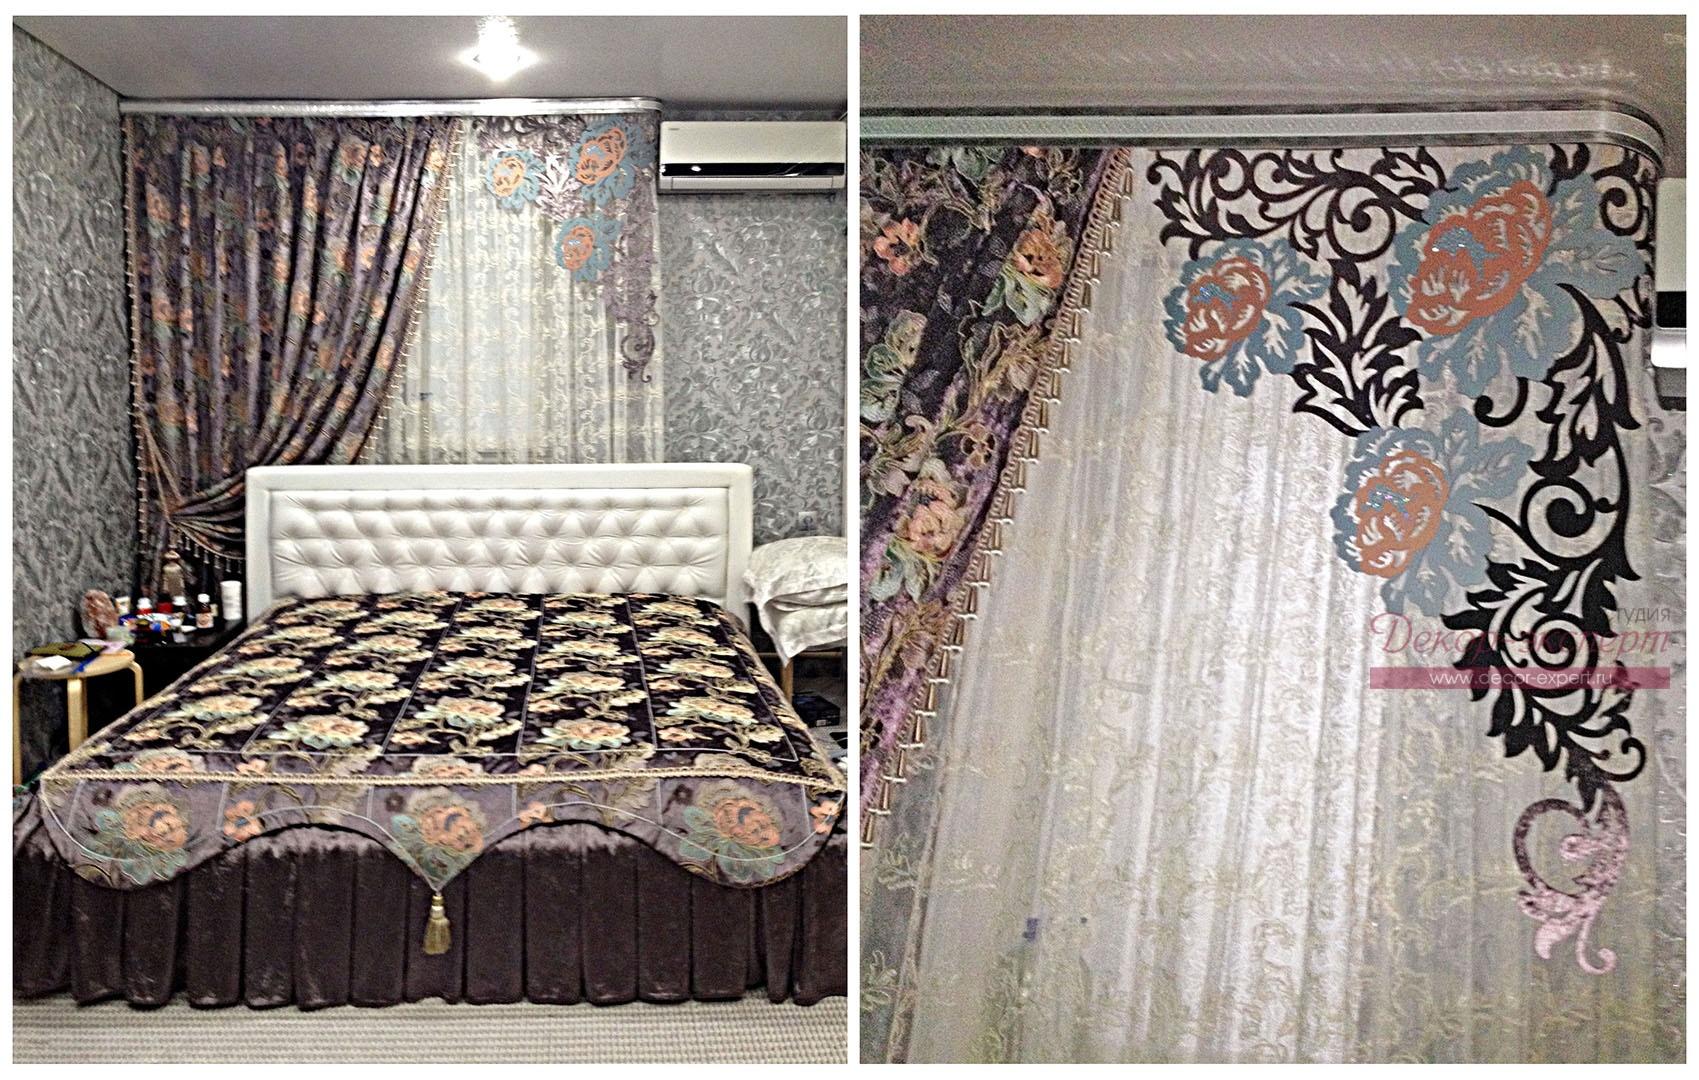 Покрывало шторы и многоцветный ламбрекен в интерьере спальни.